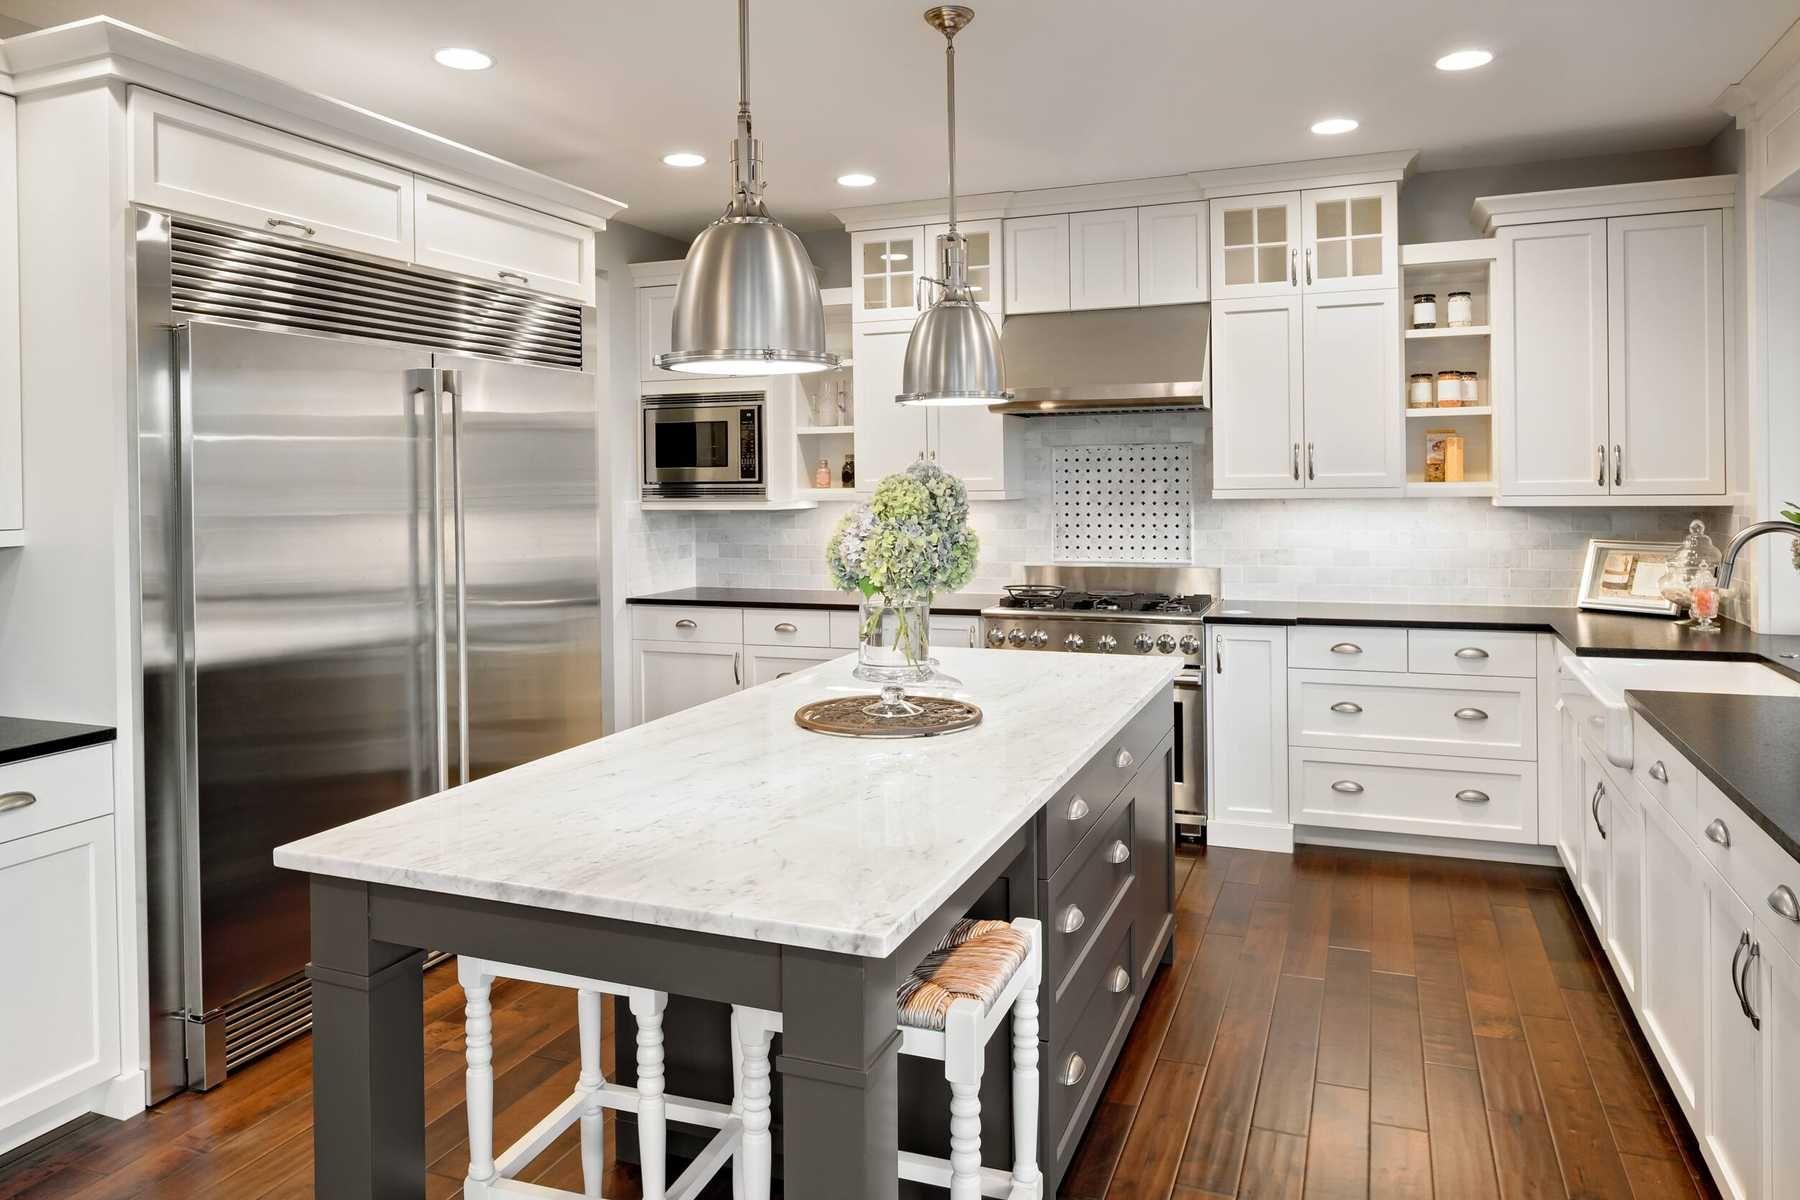 Trang trí nhà bếp sang trọng với các vật dụng trang trí nhà bếp hiện đại